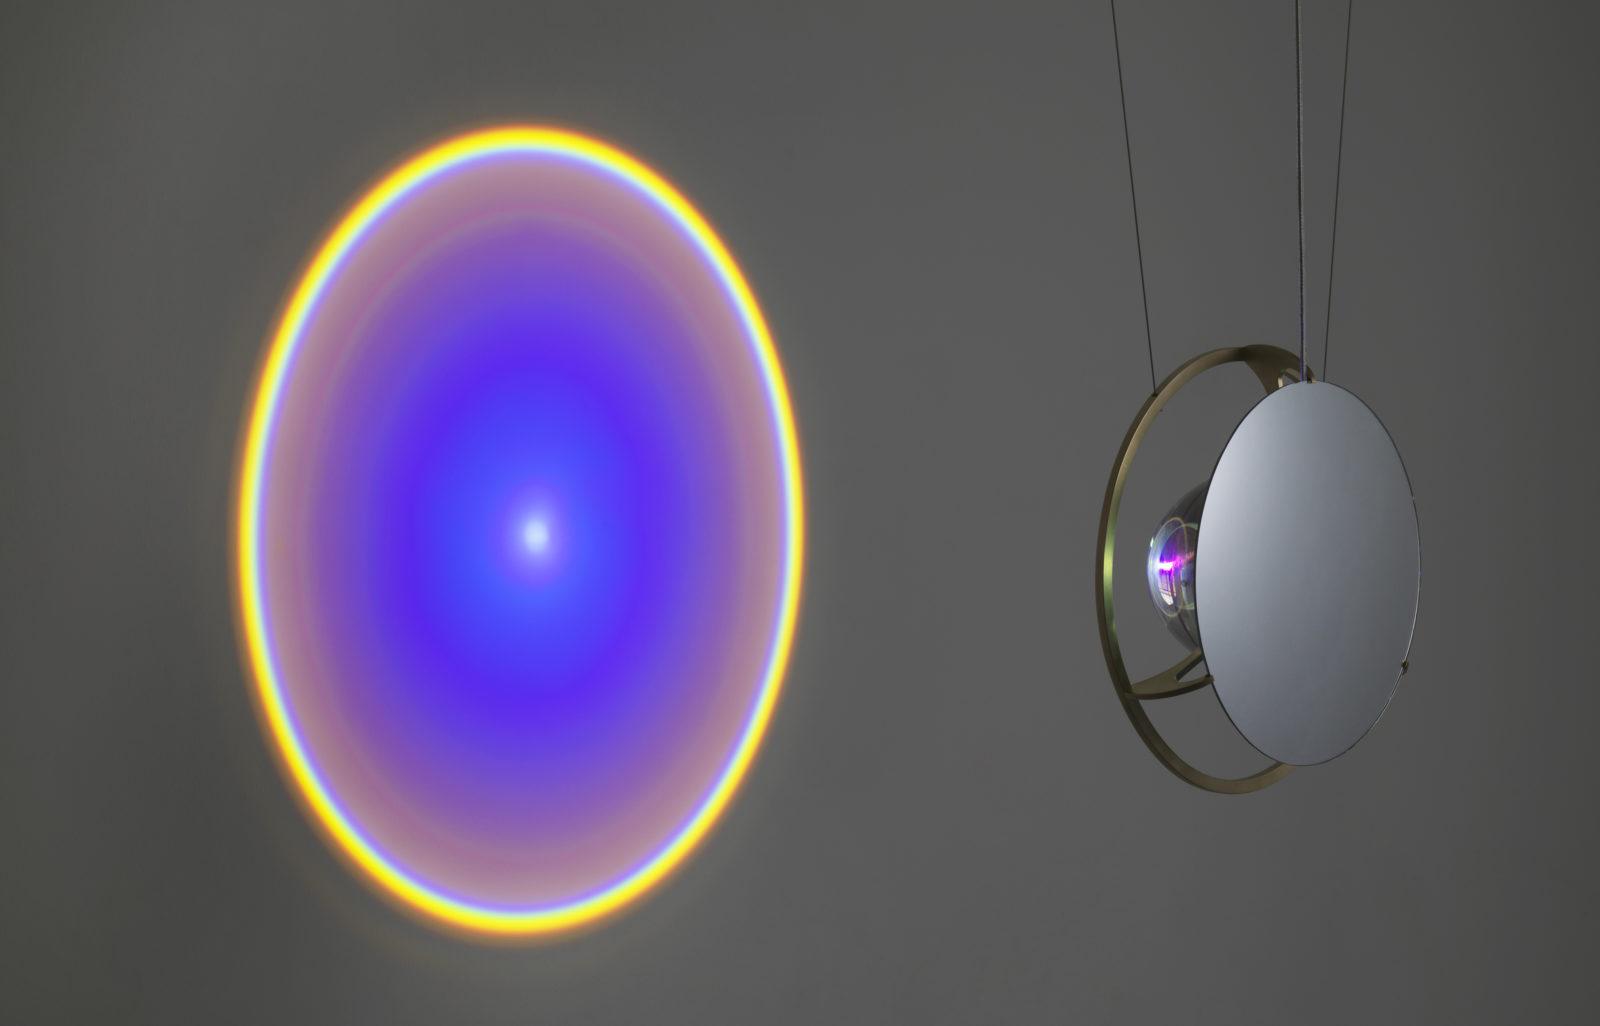 Olafur Eliasson, La Lampe Wavelength, 2017, photo par jens zheie, exposition objets définis par l'activité, espace muraille, genève